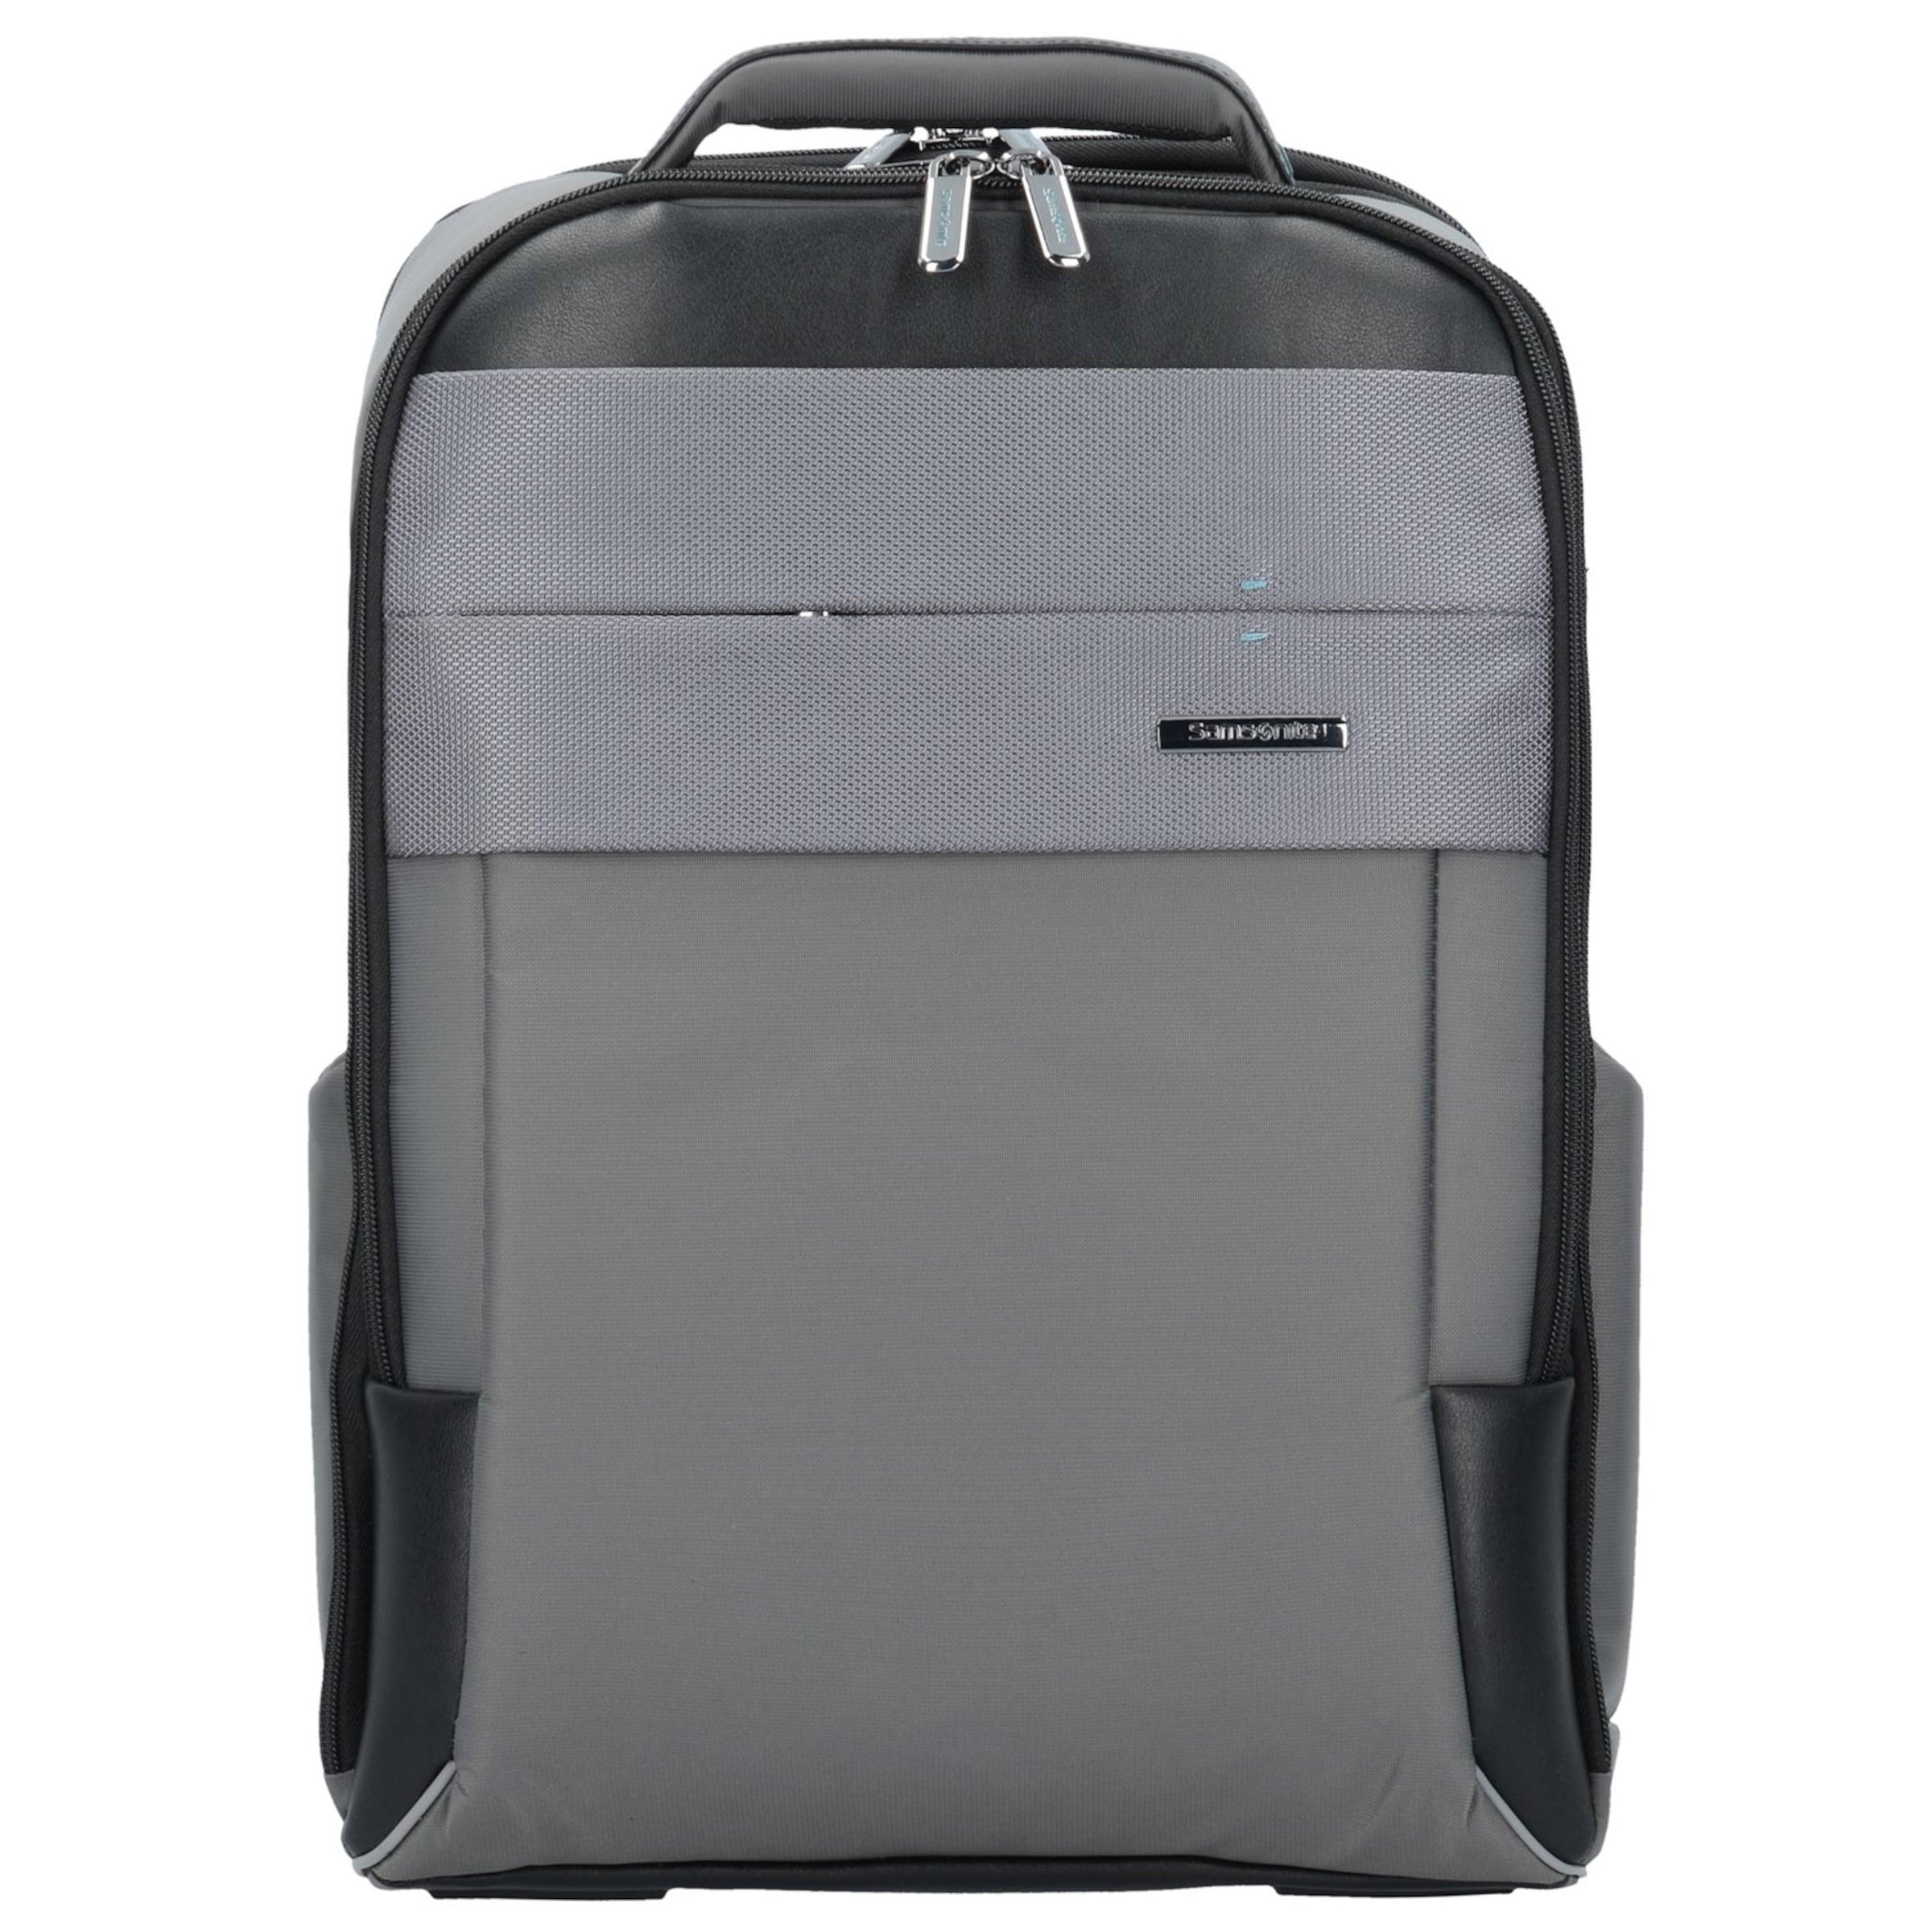 Rucksack Cm Samsonite 0 Laptopfach Spectrolite GrauSchwarz 46 2 In zGqSVMUp